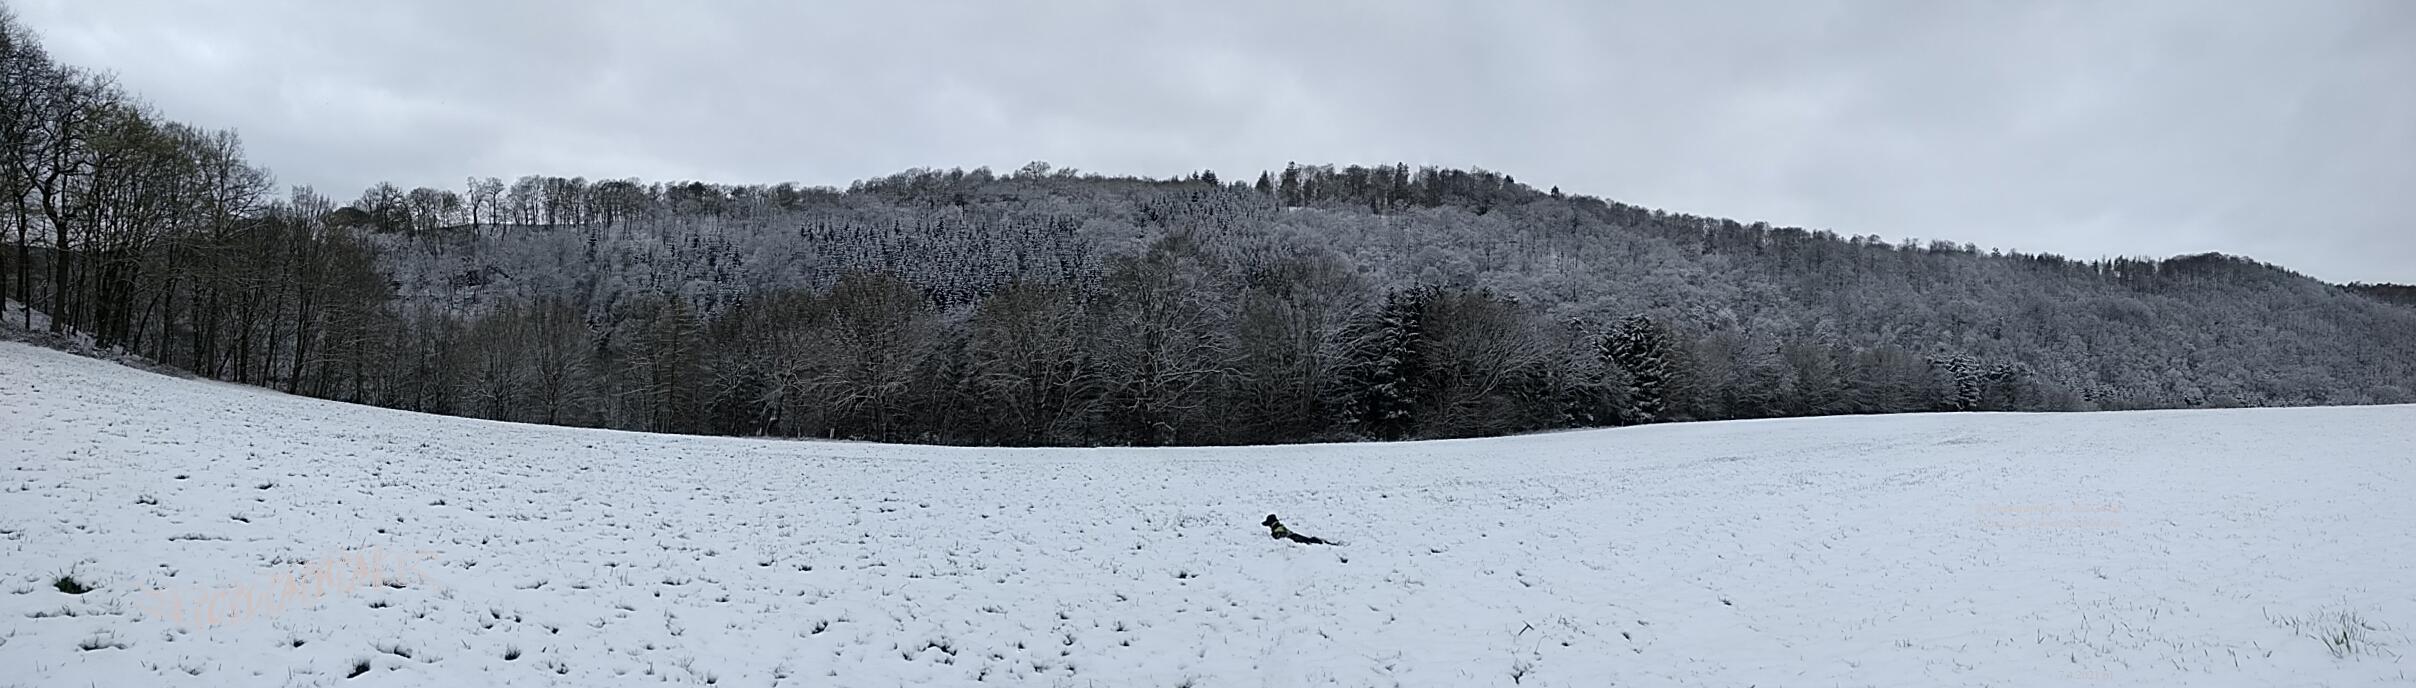 Schnee im April - Clara 10 months